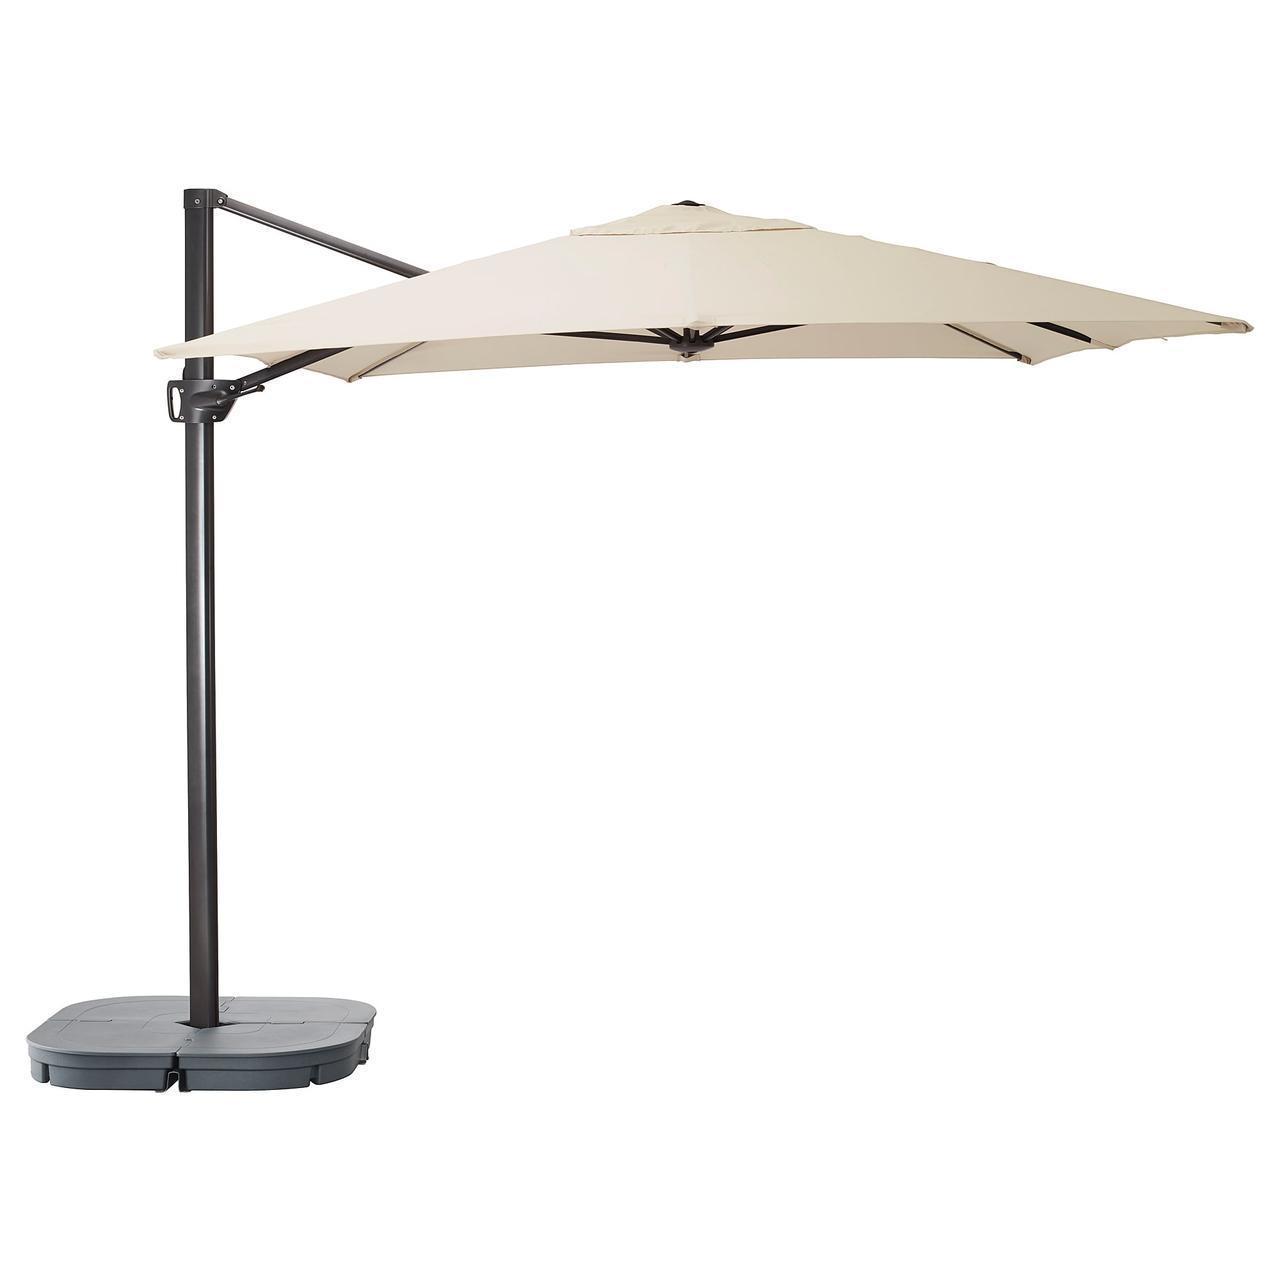 IKEA SEGLARO/SVARTO Зонт подвесной с подставкой, с наклоном зонт бежевый, подставка темно-серая  (492.518.03)